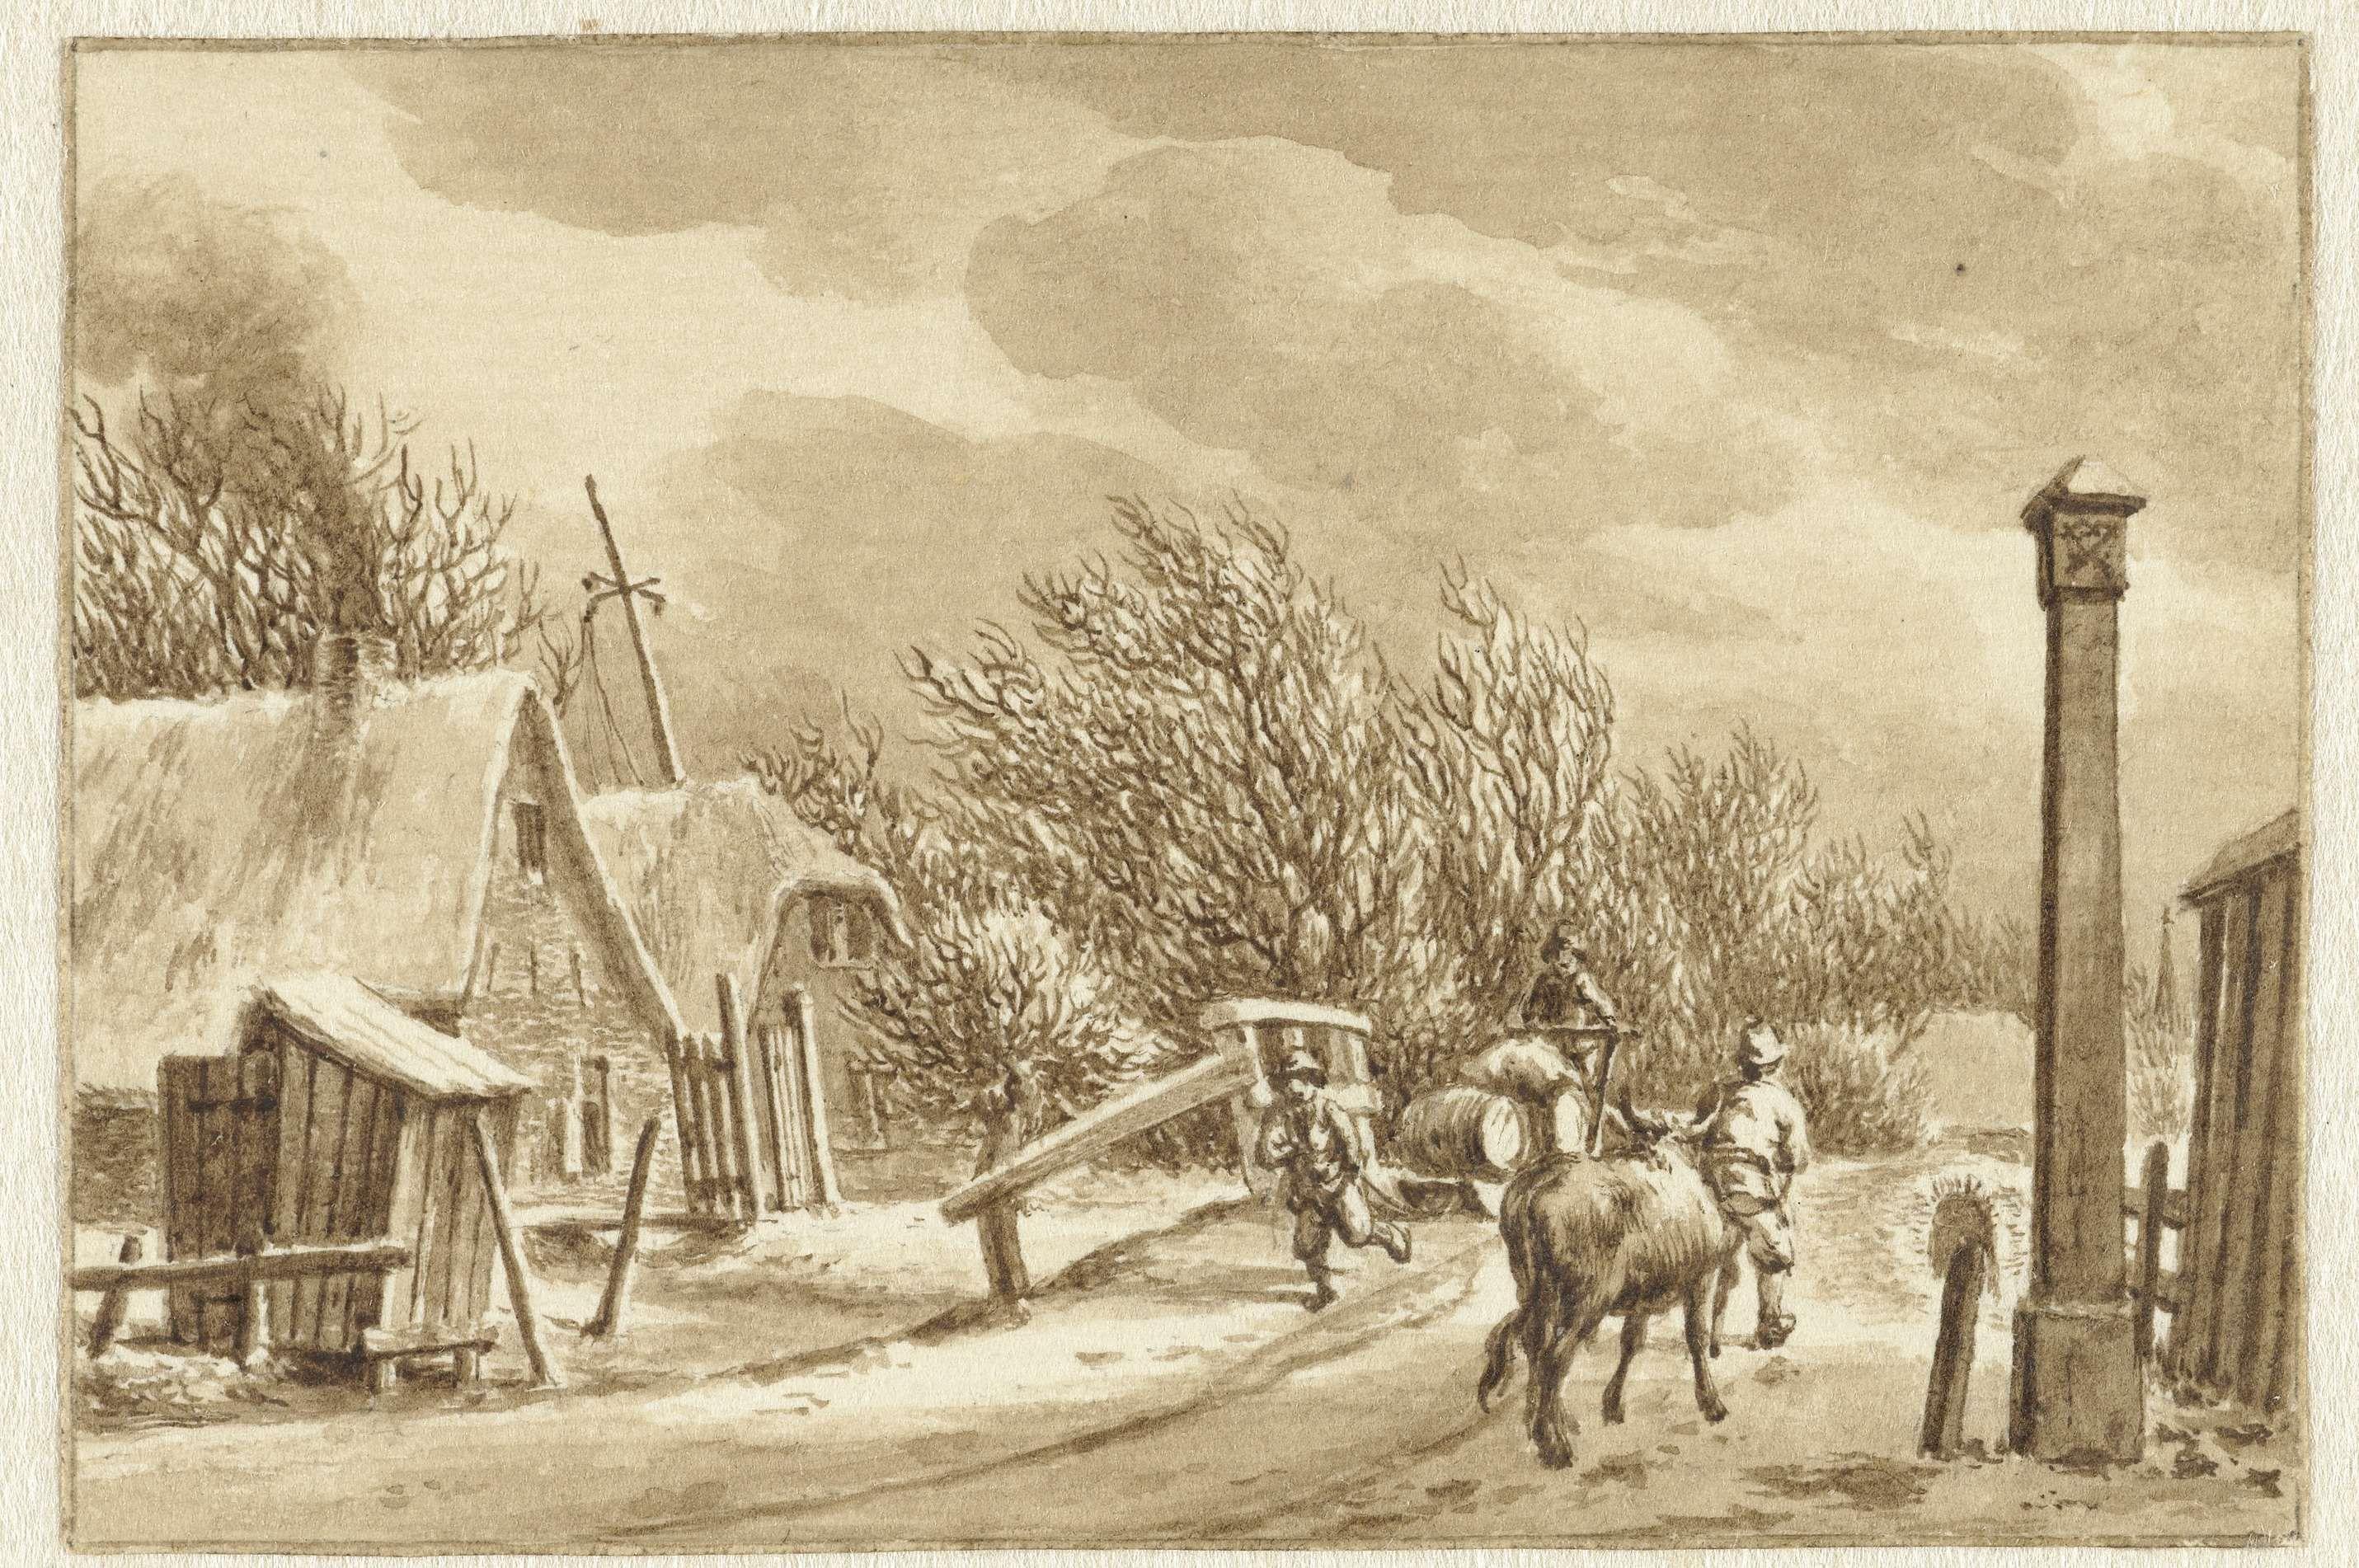 Jacob Cats (1741-1799) | Landschap met opstekende storm, Jacob Cats (1741-1799), 1776 |